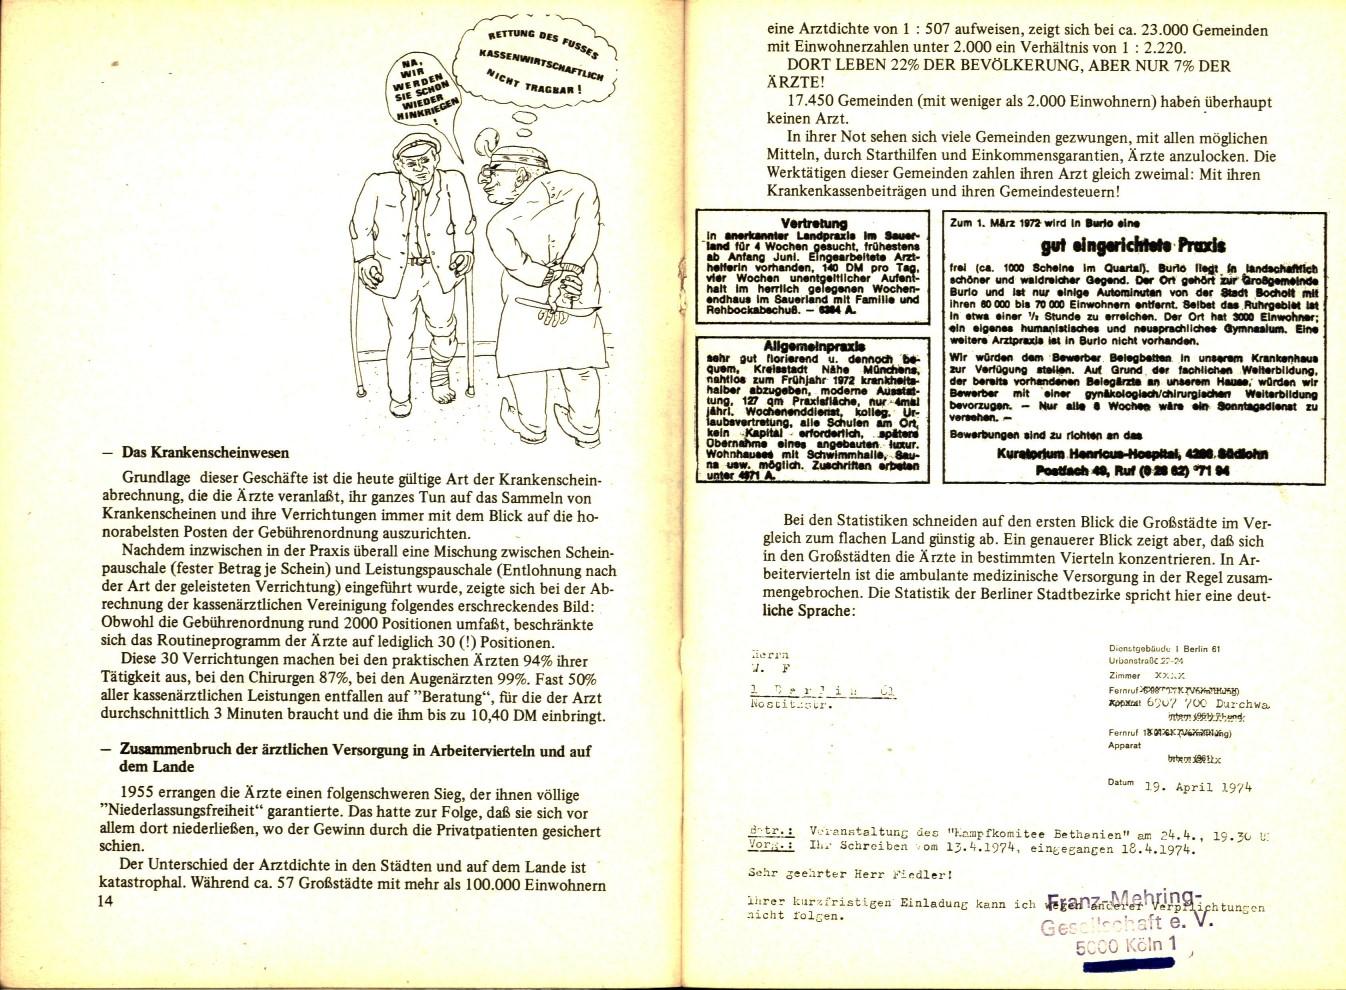 Berlin_KPDAO_1974_Volksentscheid_fuer_Poliklinken_09